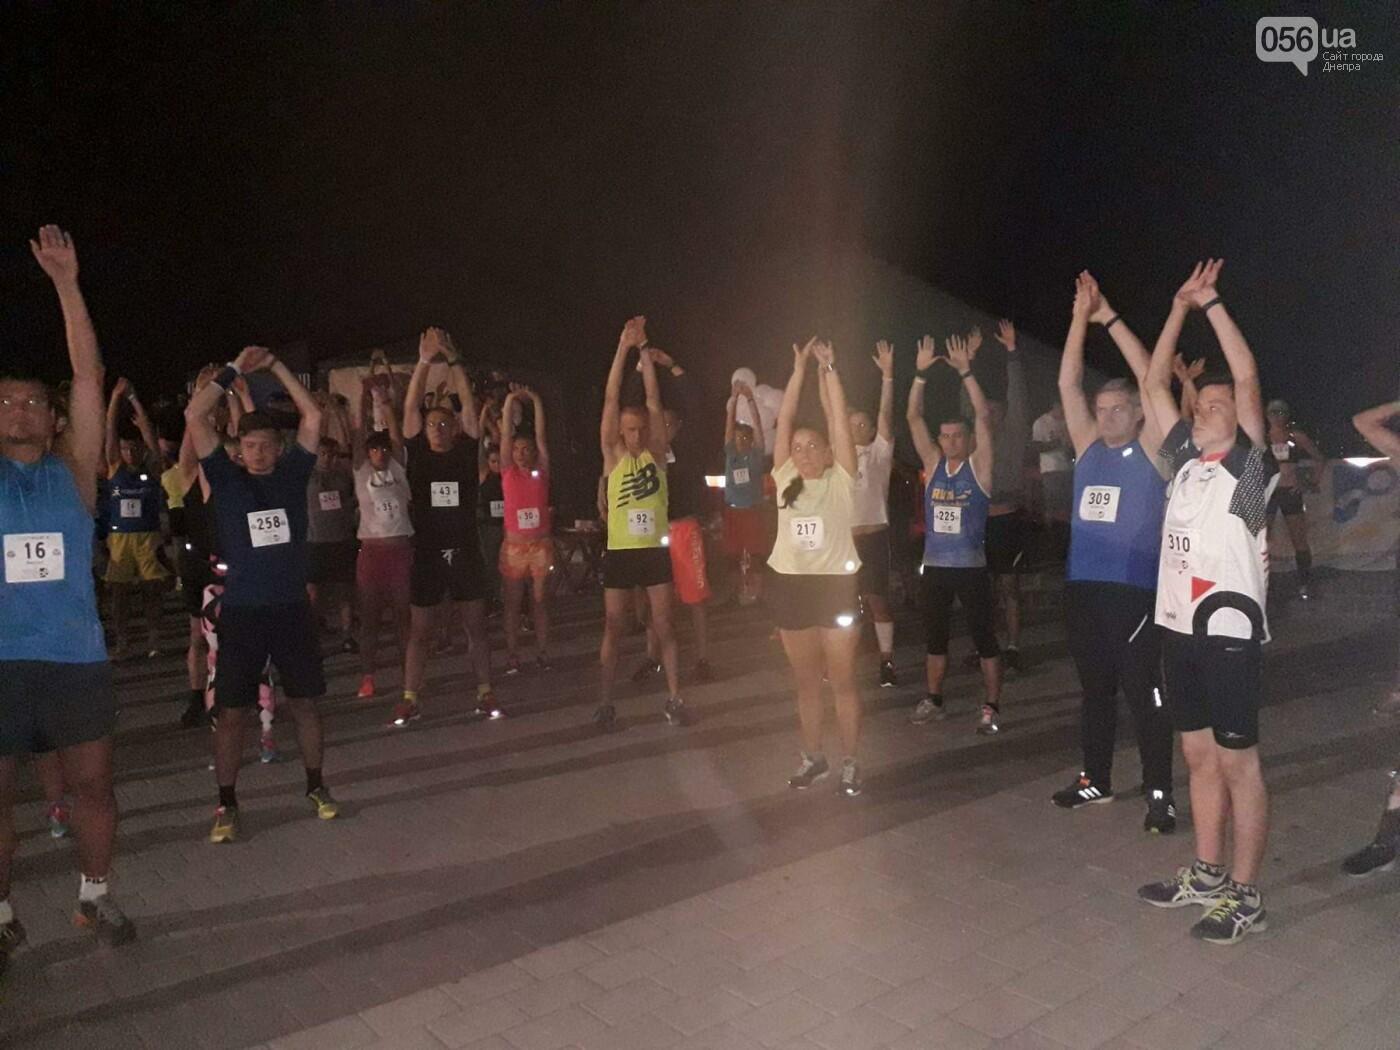 В Днепре прошел юбилейный ночной полумарафон по бегу: как это было,  - ФОТО, фото-10